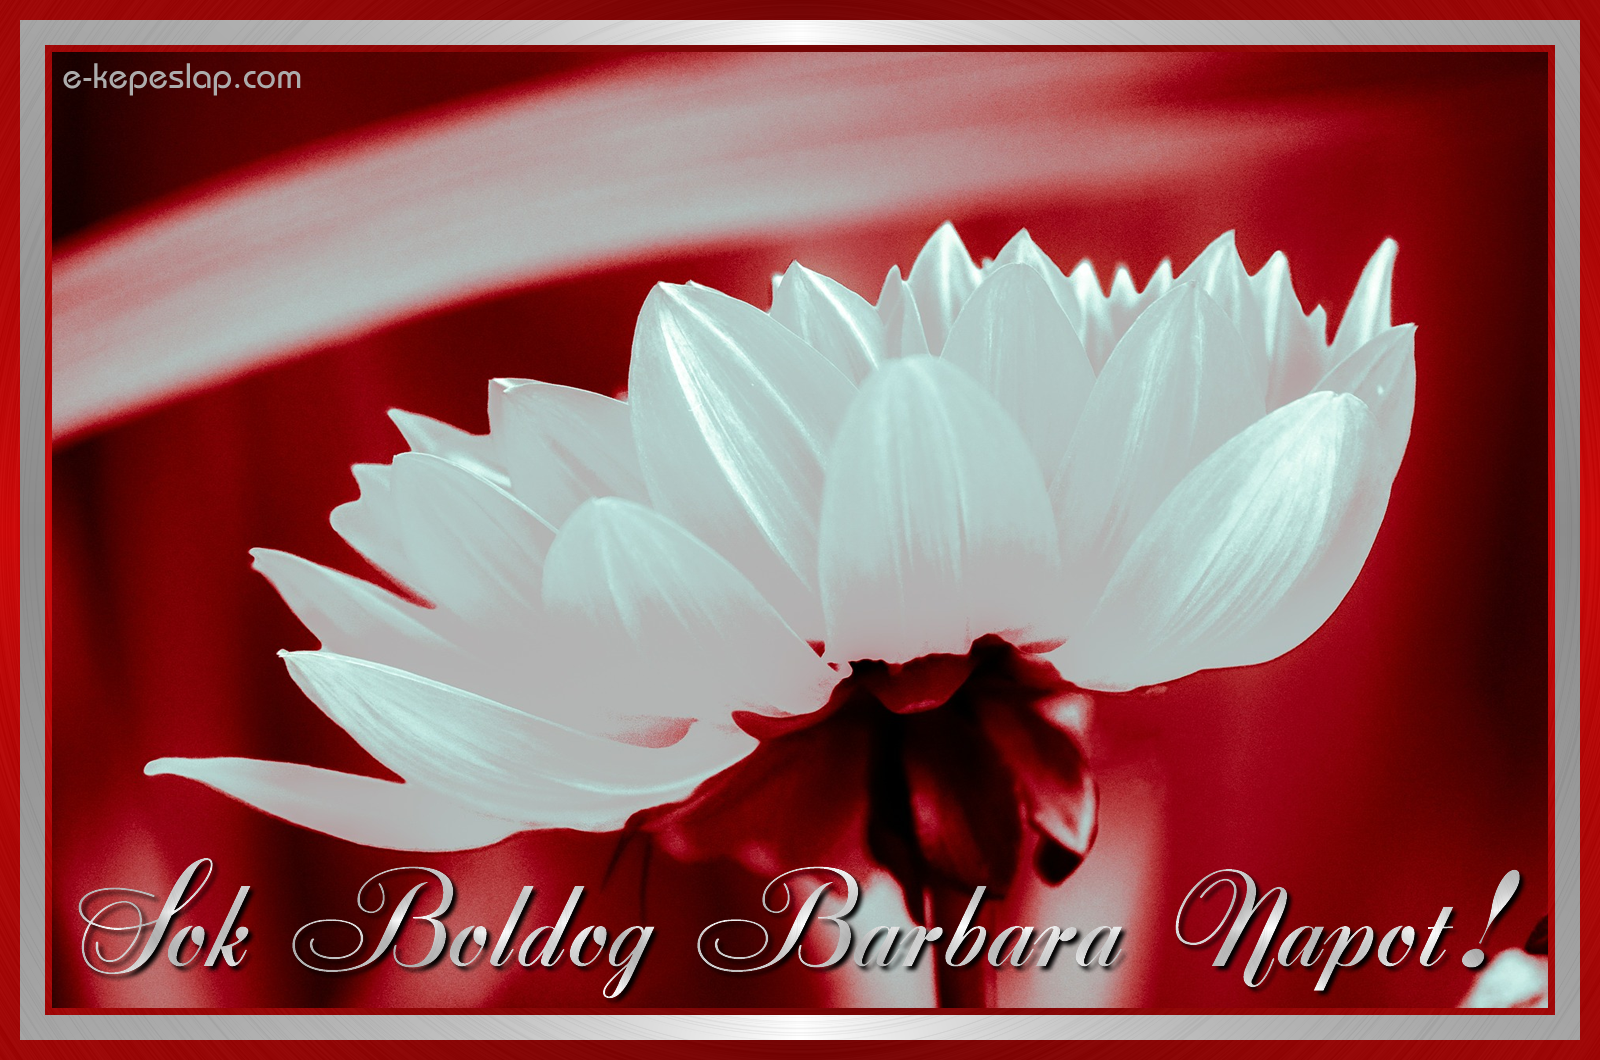 barbara névnapi képek Barbara névnapi képeslap   Képeslapküldés   e kepeslap.com barbara névnapi képek